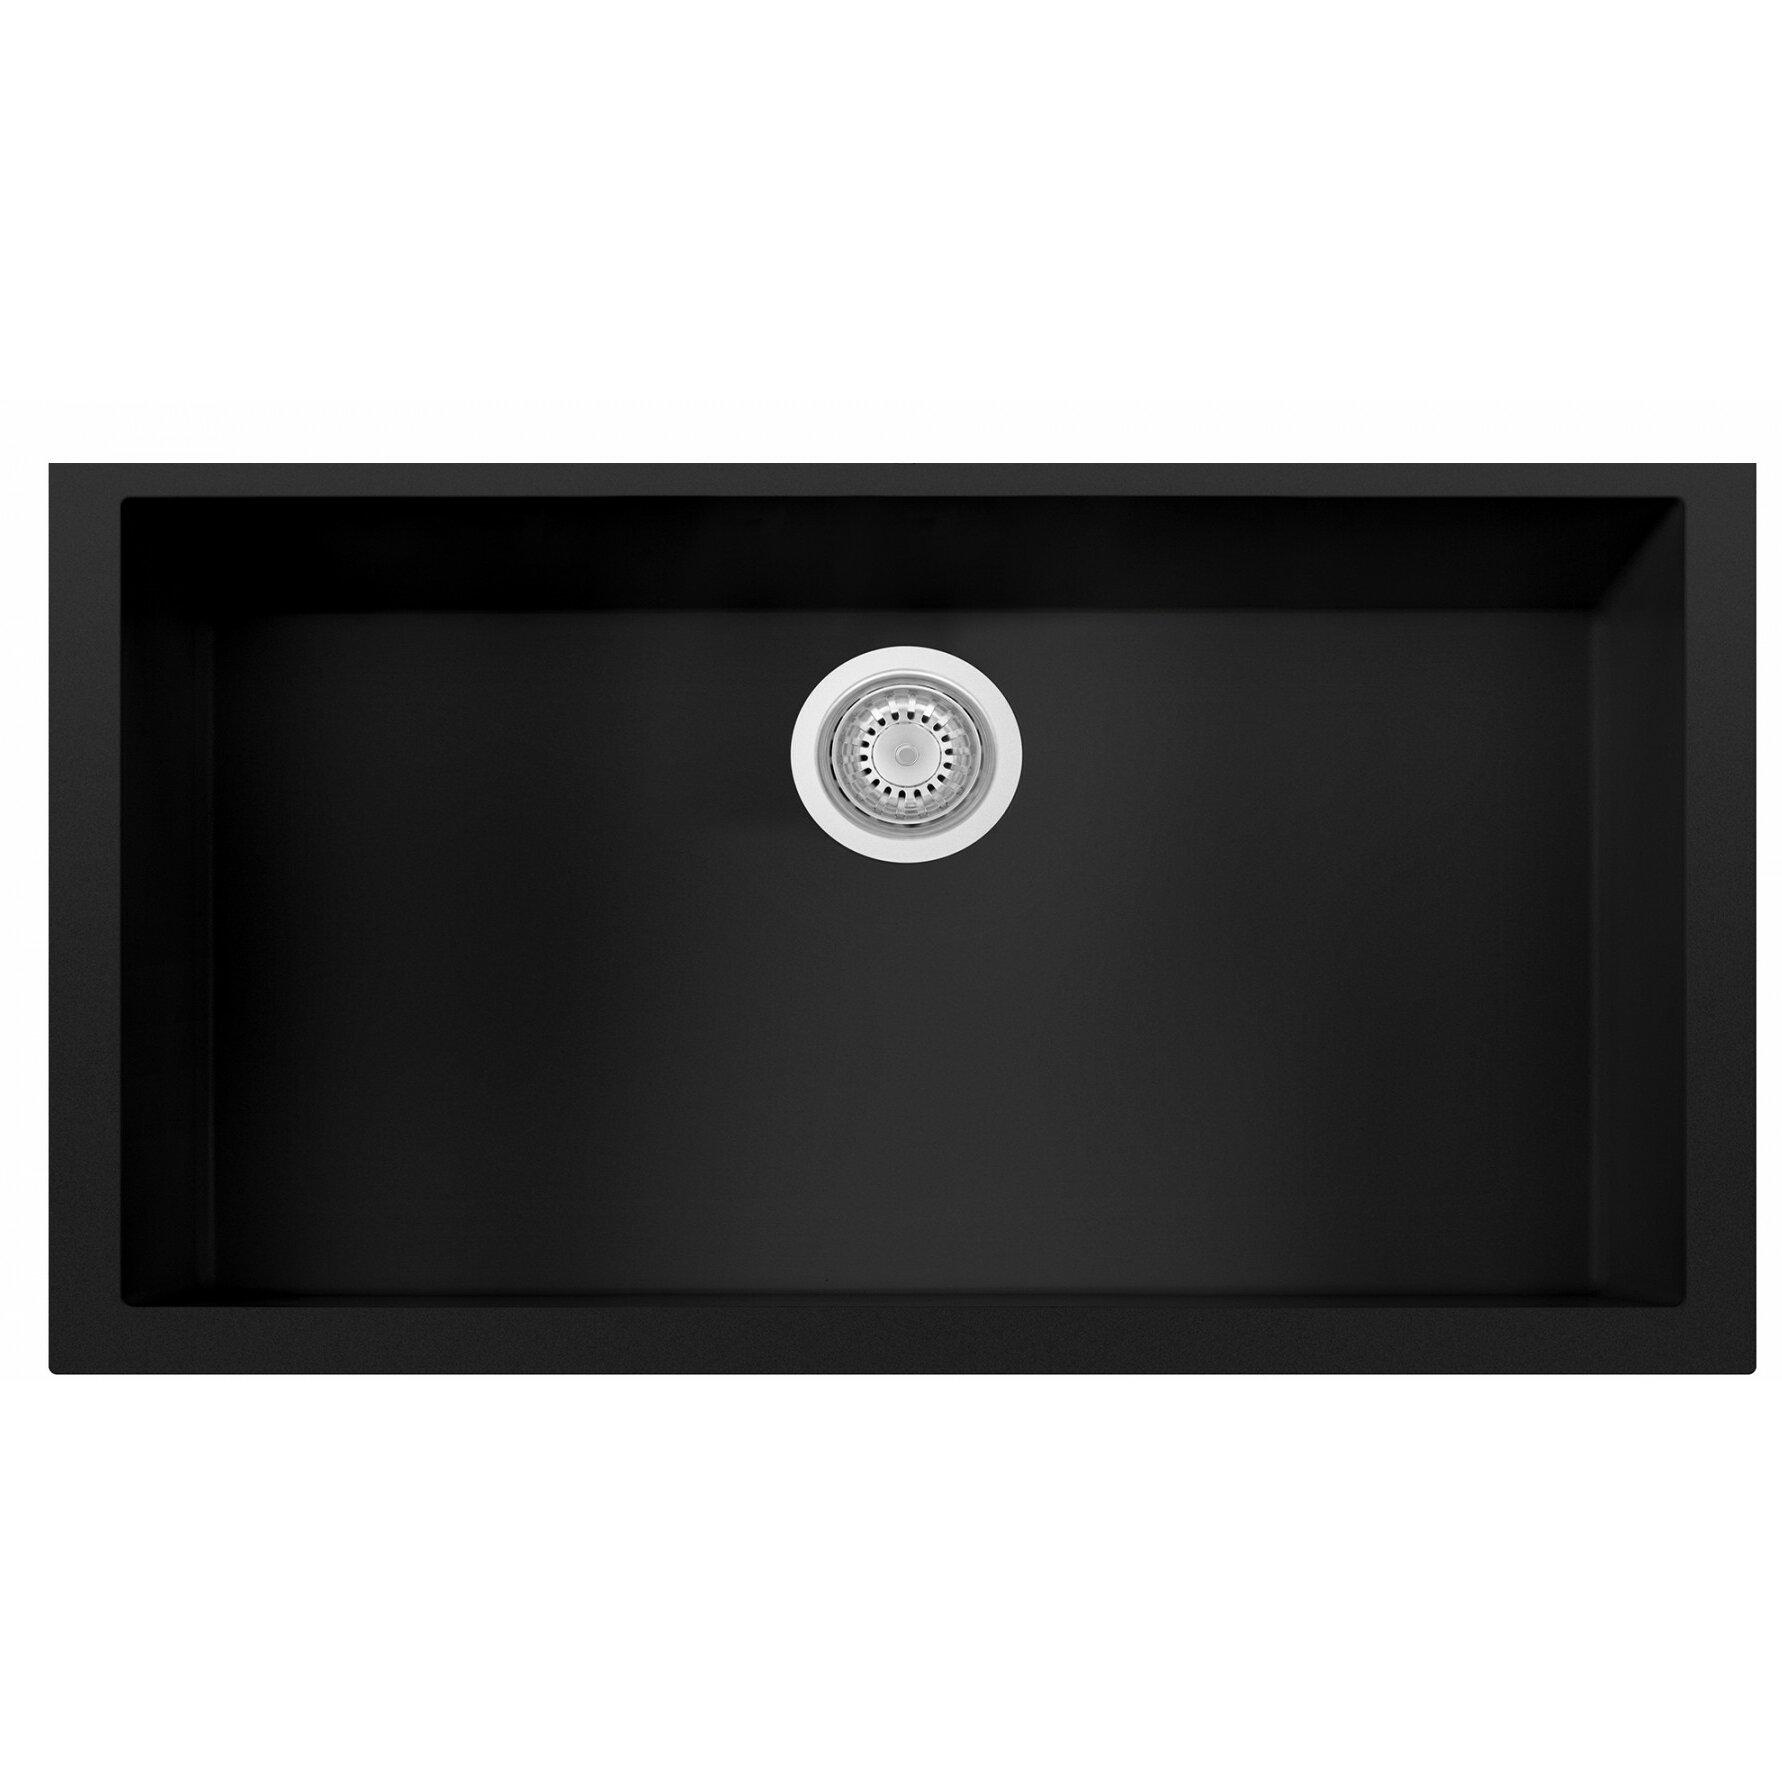 Granite Composite Undermount Kitchen Sinks Alfi Brand Granite Composite 33 X 1938 Single Bowl Undermount